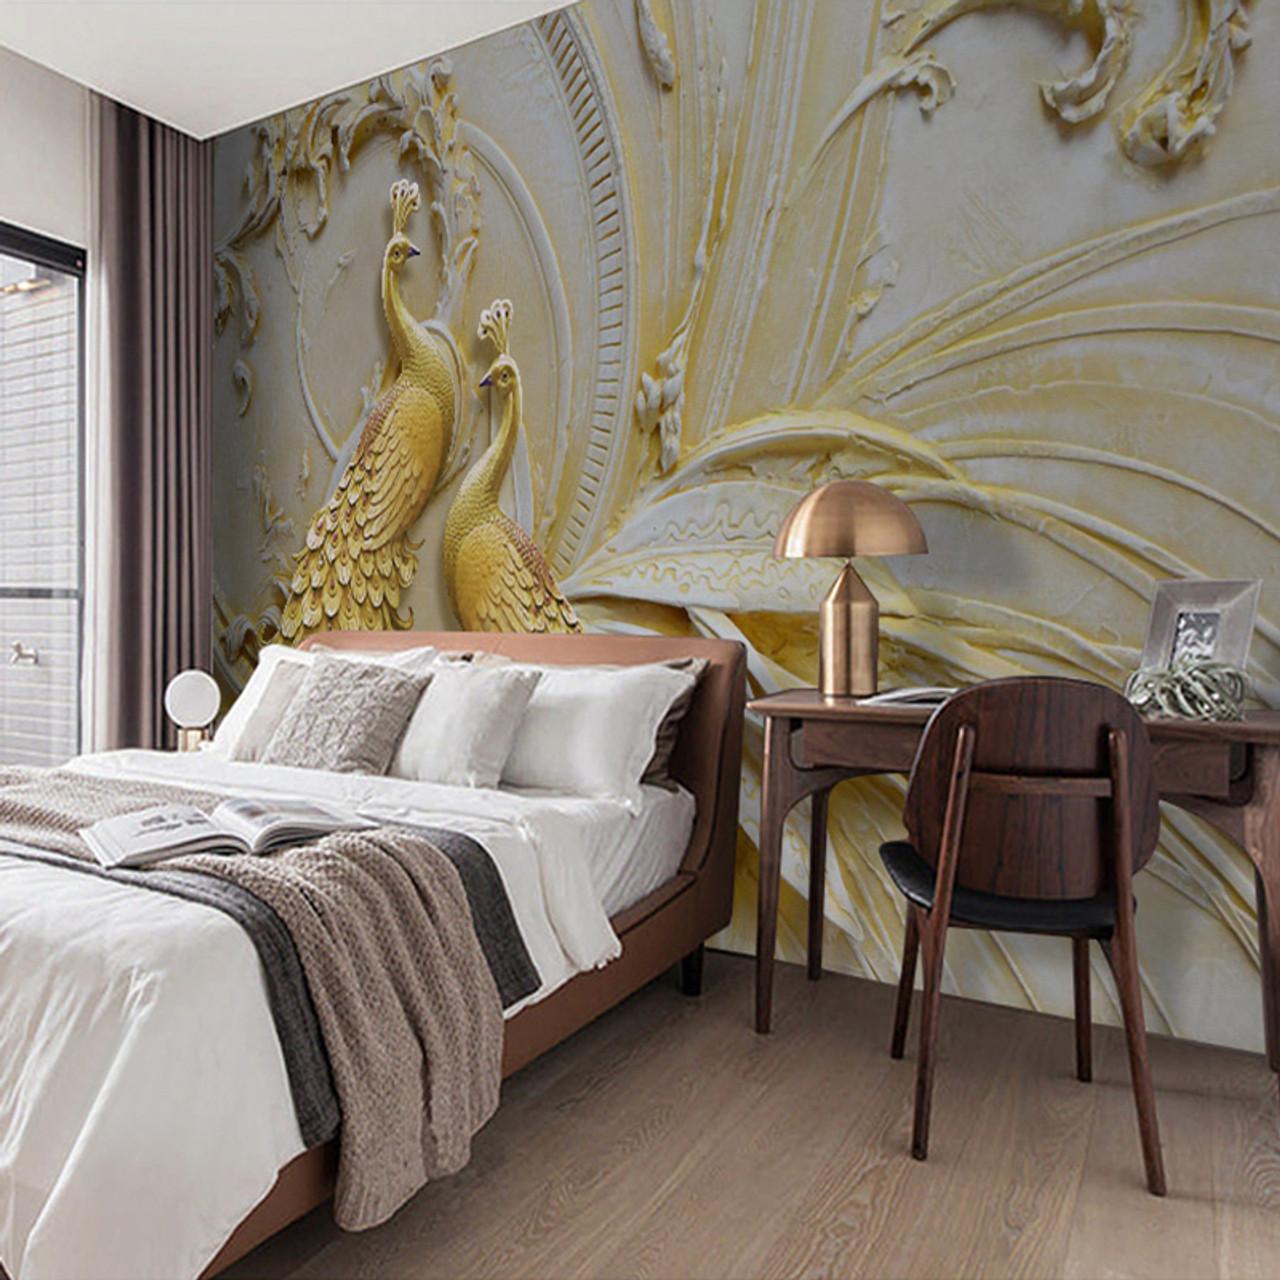 Custom Mural Wallpaper For Walls 3D Stereoscopic Embossed ...